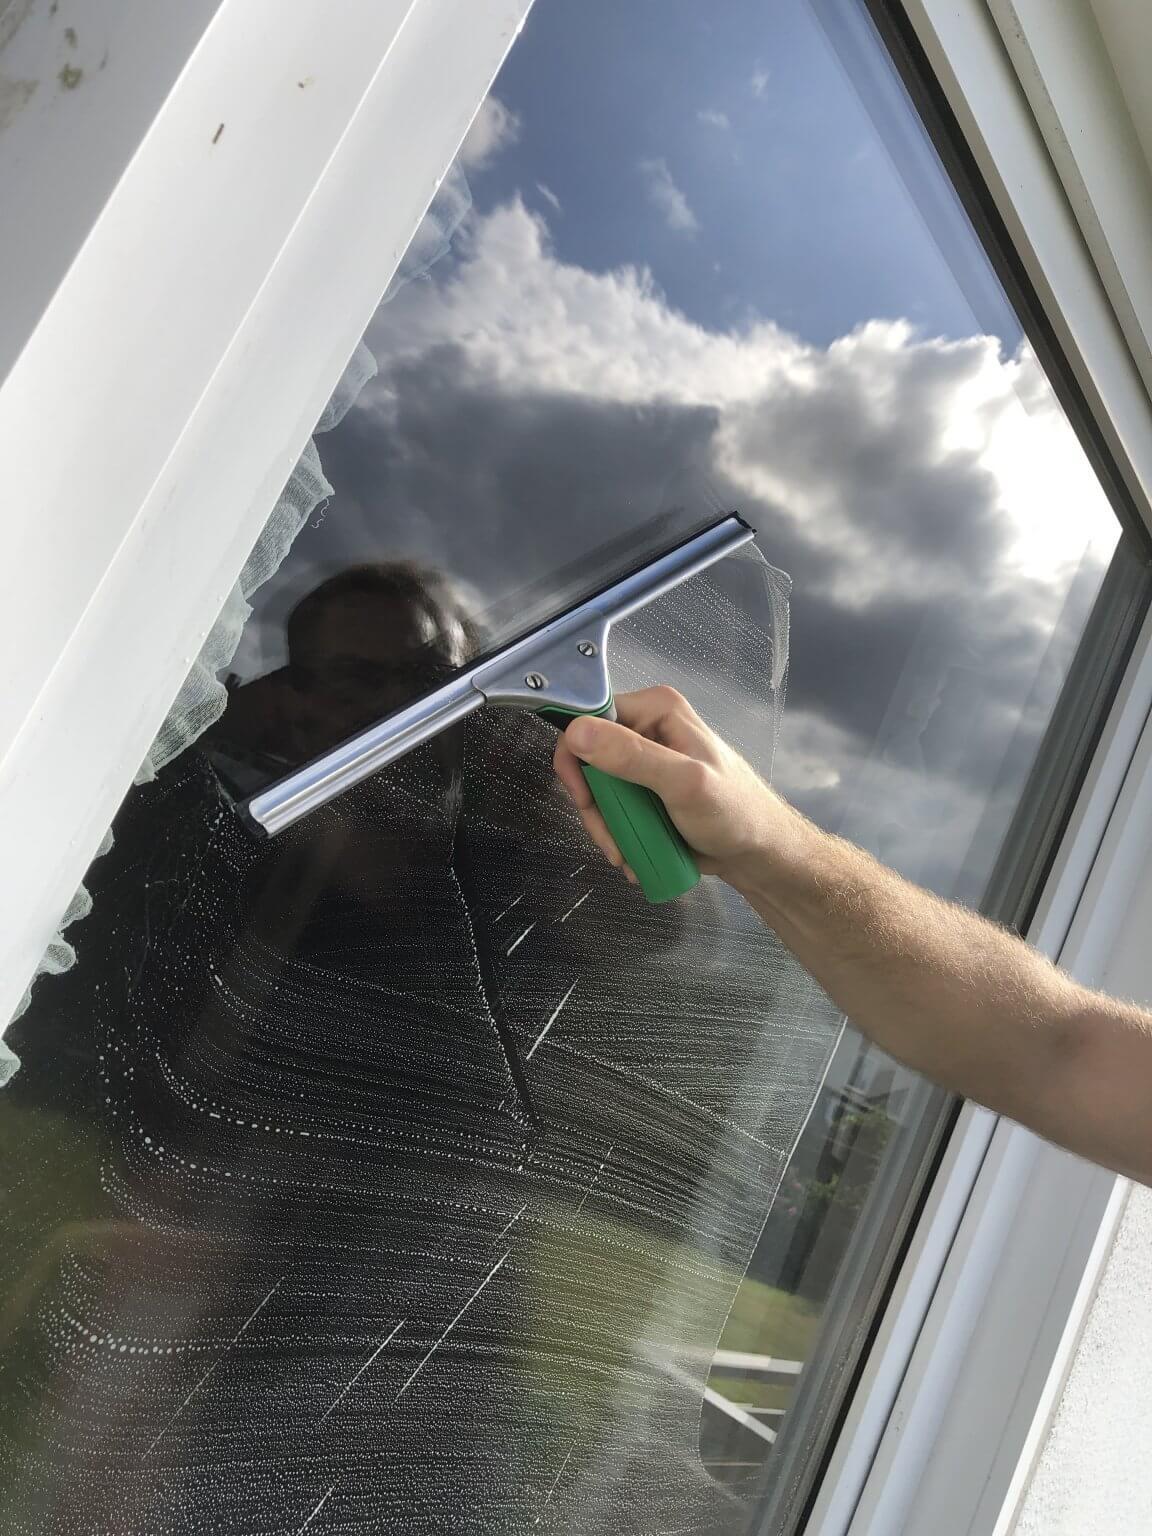 Fensterputzer reinigt Fenster - My Fensterputzer